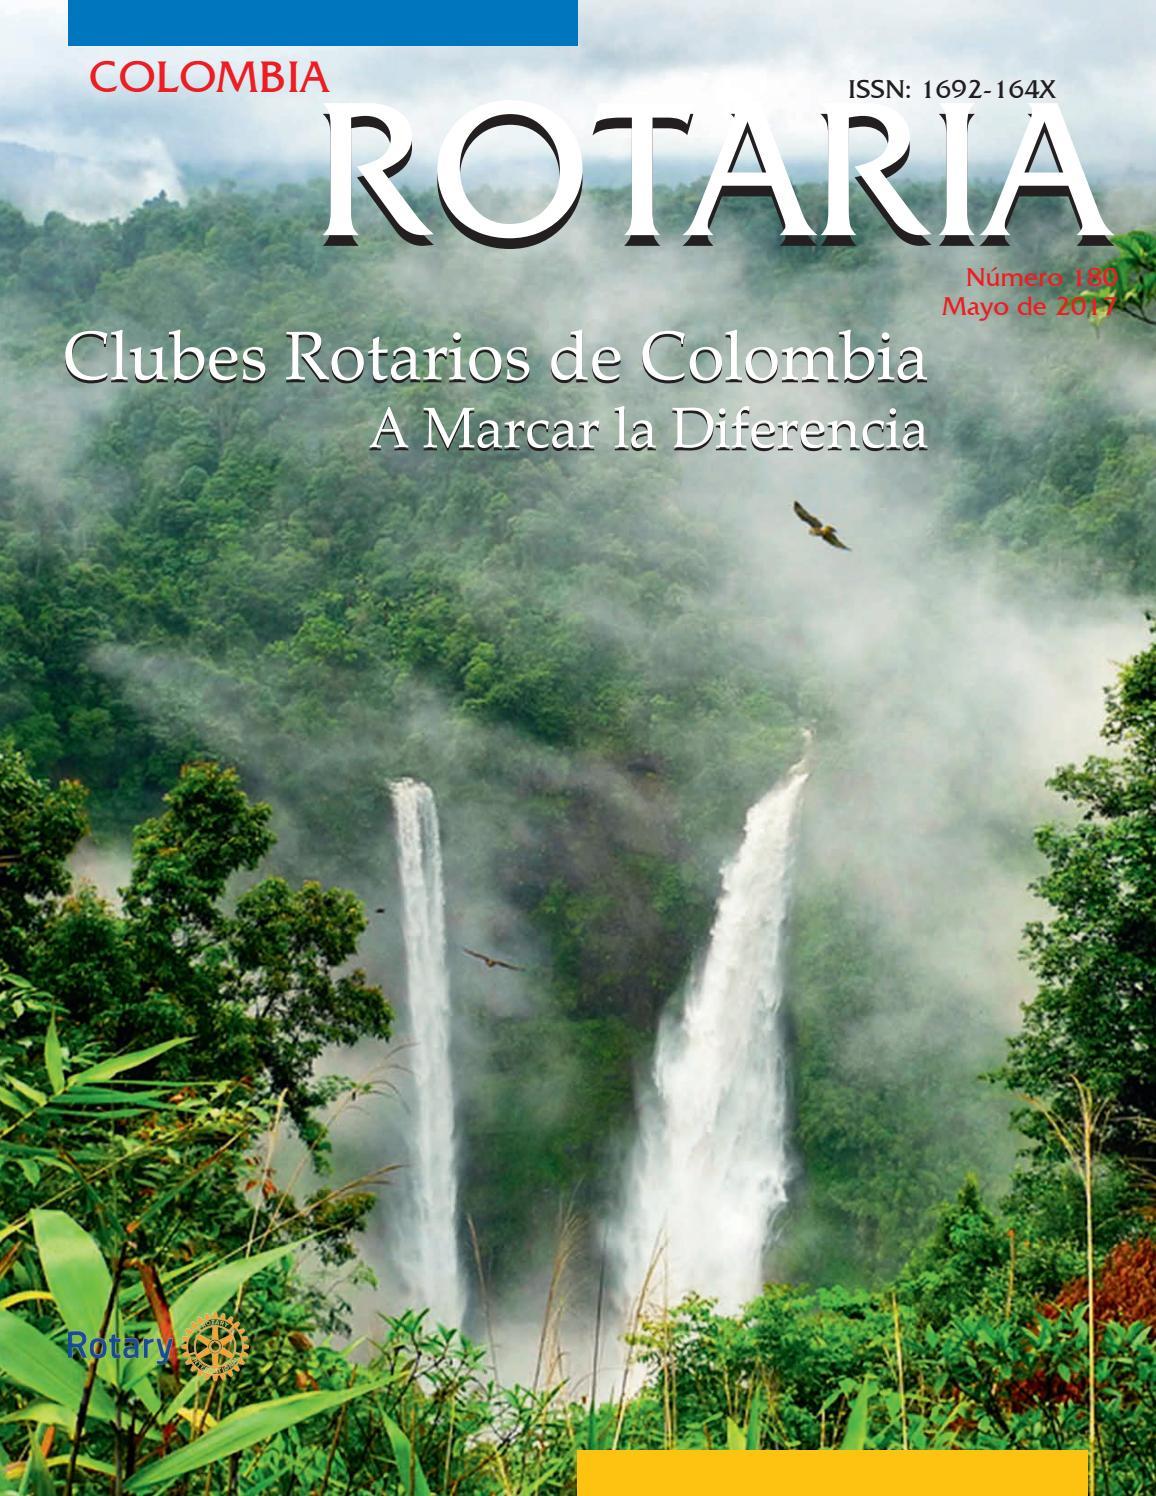 Colombia Rotaria 180 by Enrique Jordán Sarria - issuu